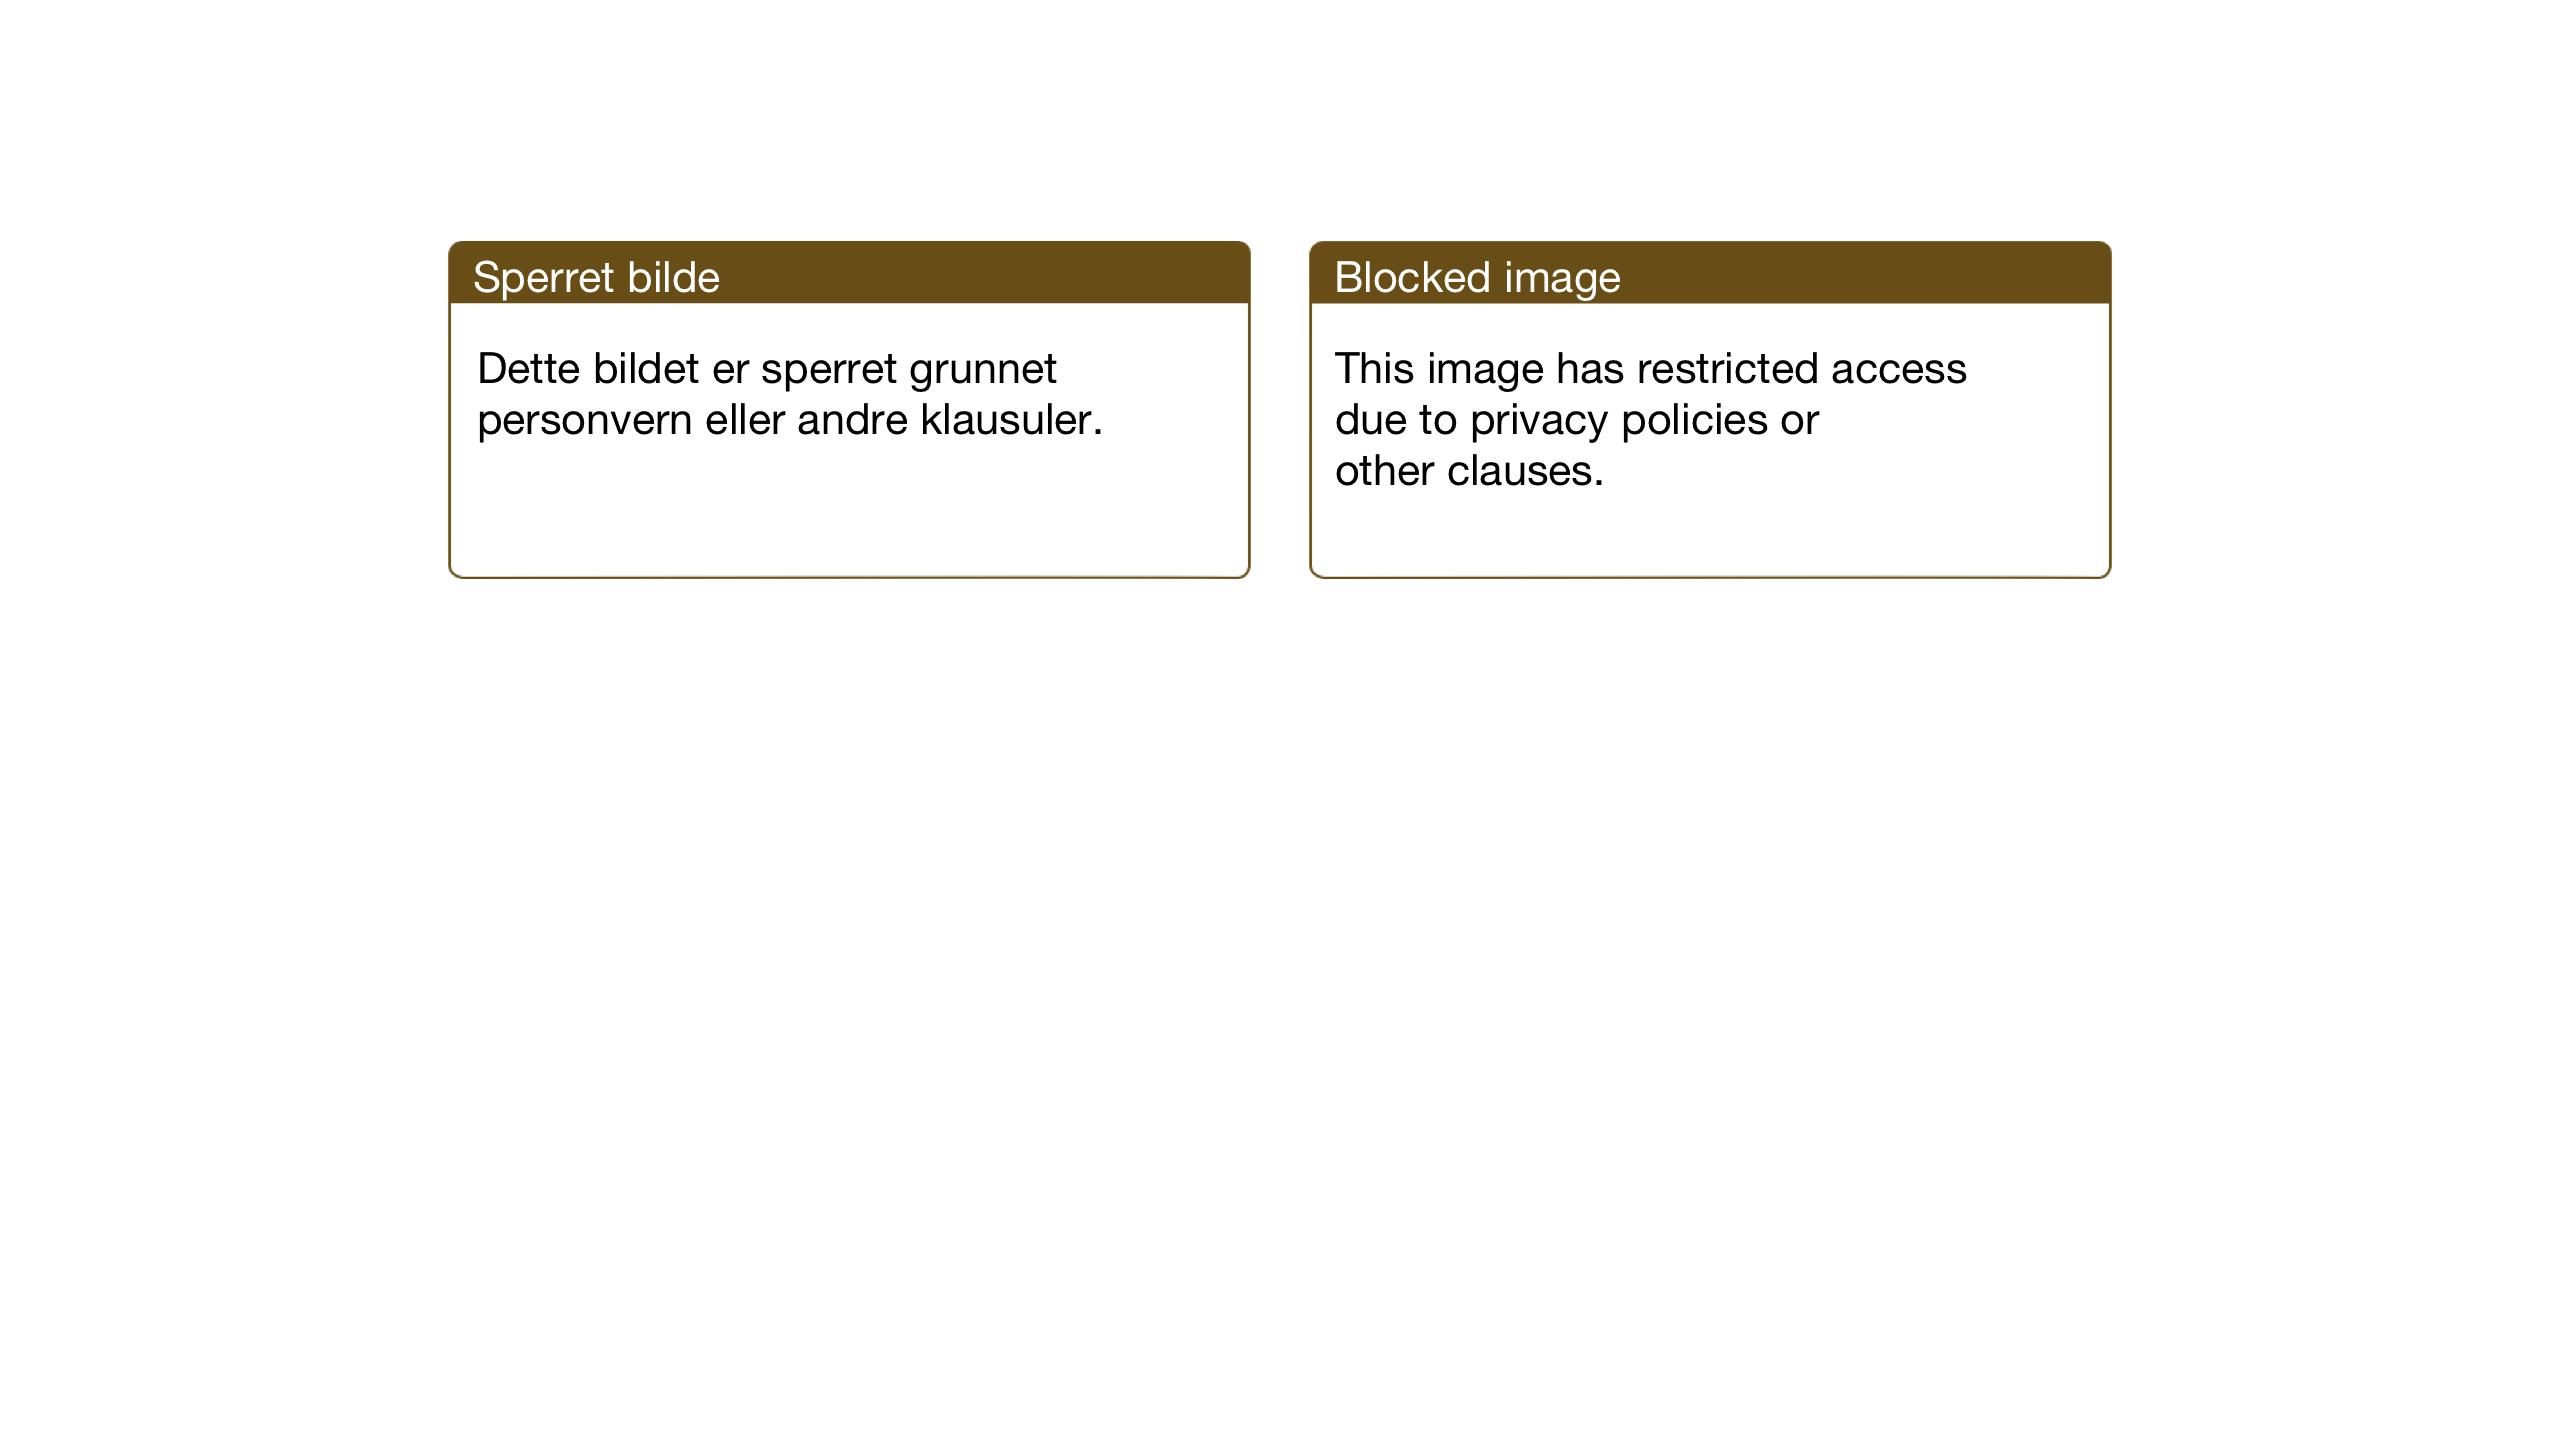 SAT, Ministerialprotokoller, klokkerbøker og fødselsregistre - Nord-Trøndelag, 755/L0500: Klokkerbok nr. 755C01, 1920-1962, s. 121